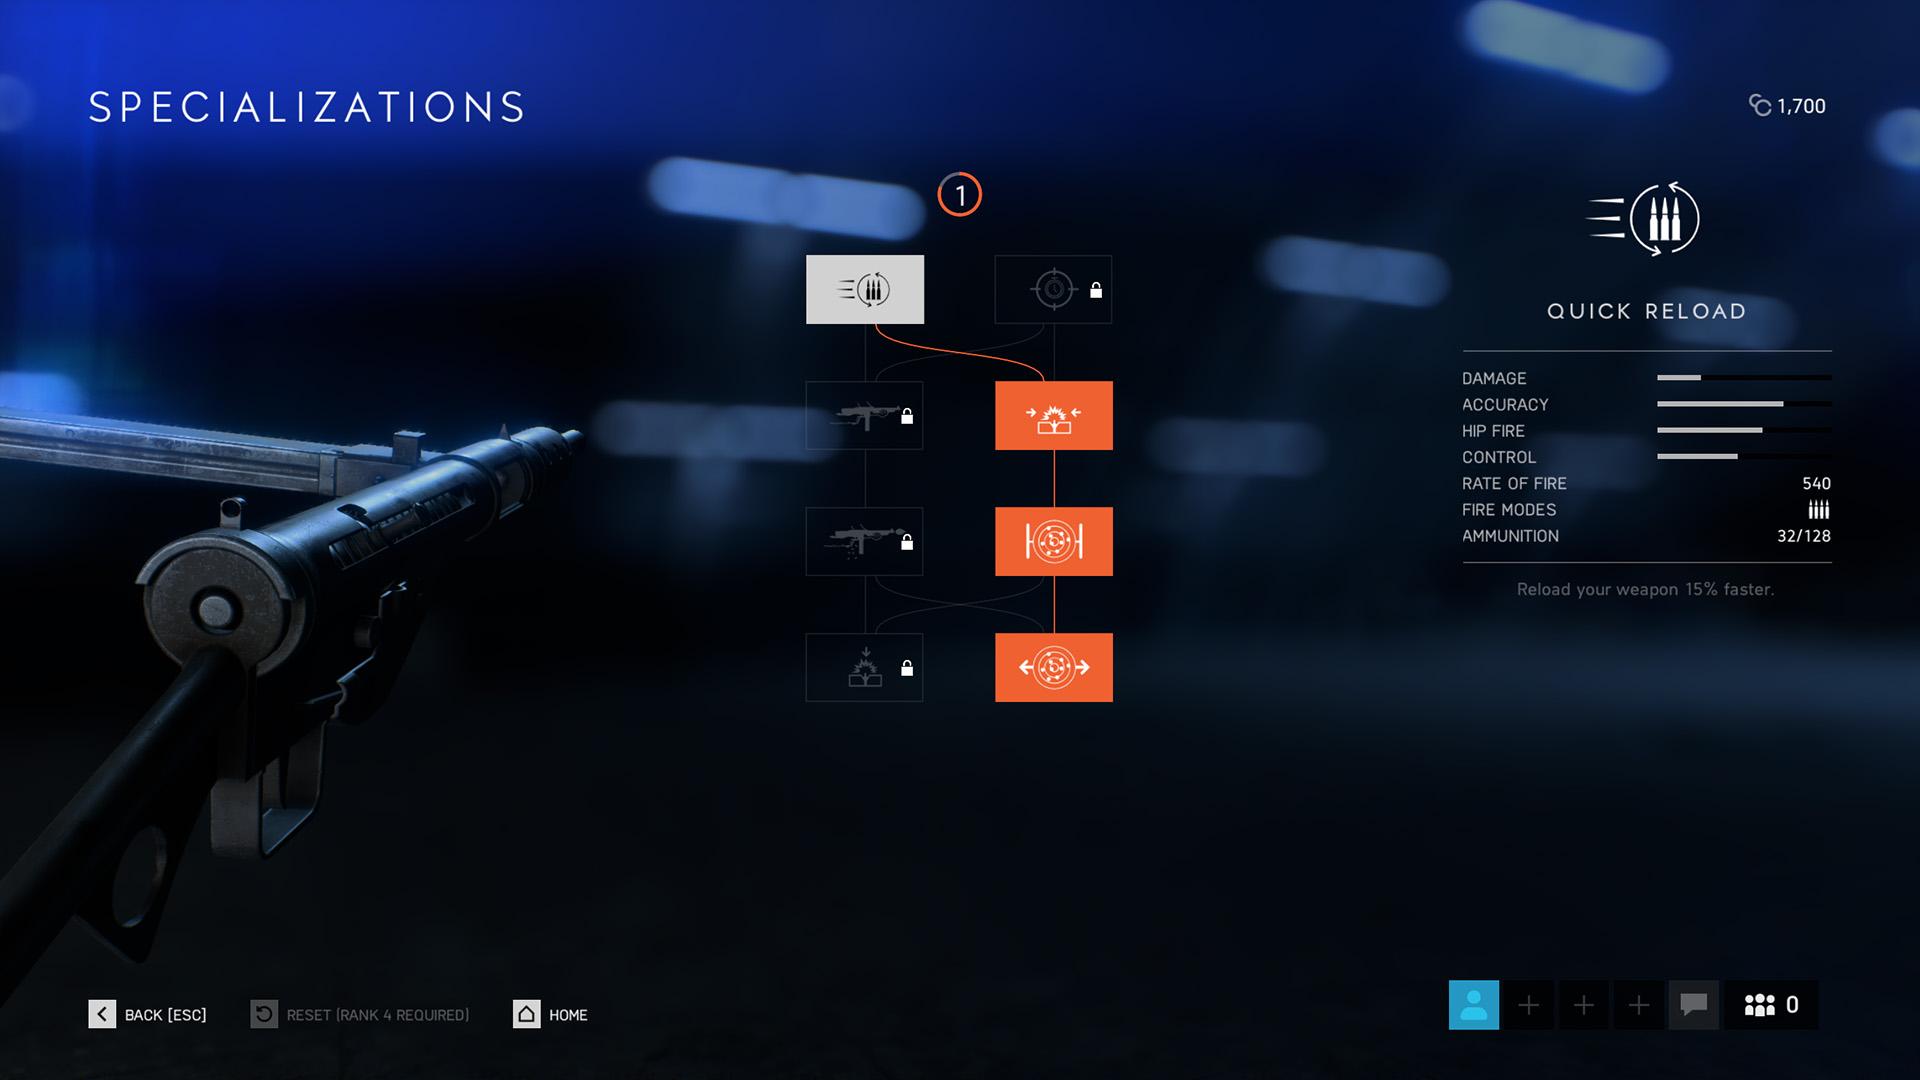 Battlefield V Screenshot 2018_0025_Battlefield V Screenshot 2018.11.11 - 20.32.41.11.jpg